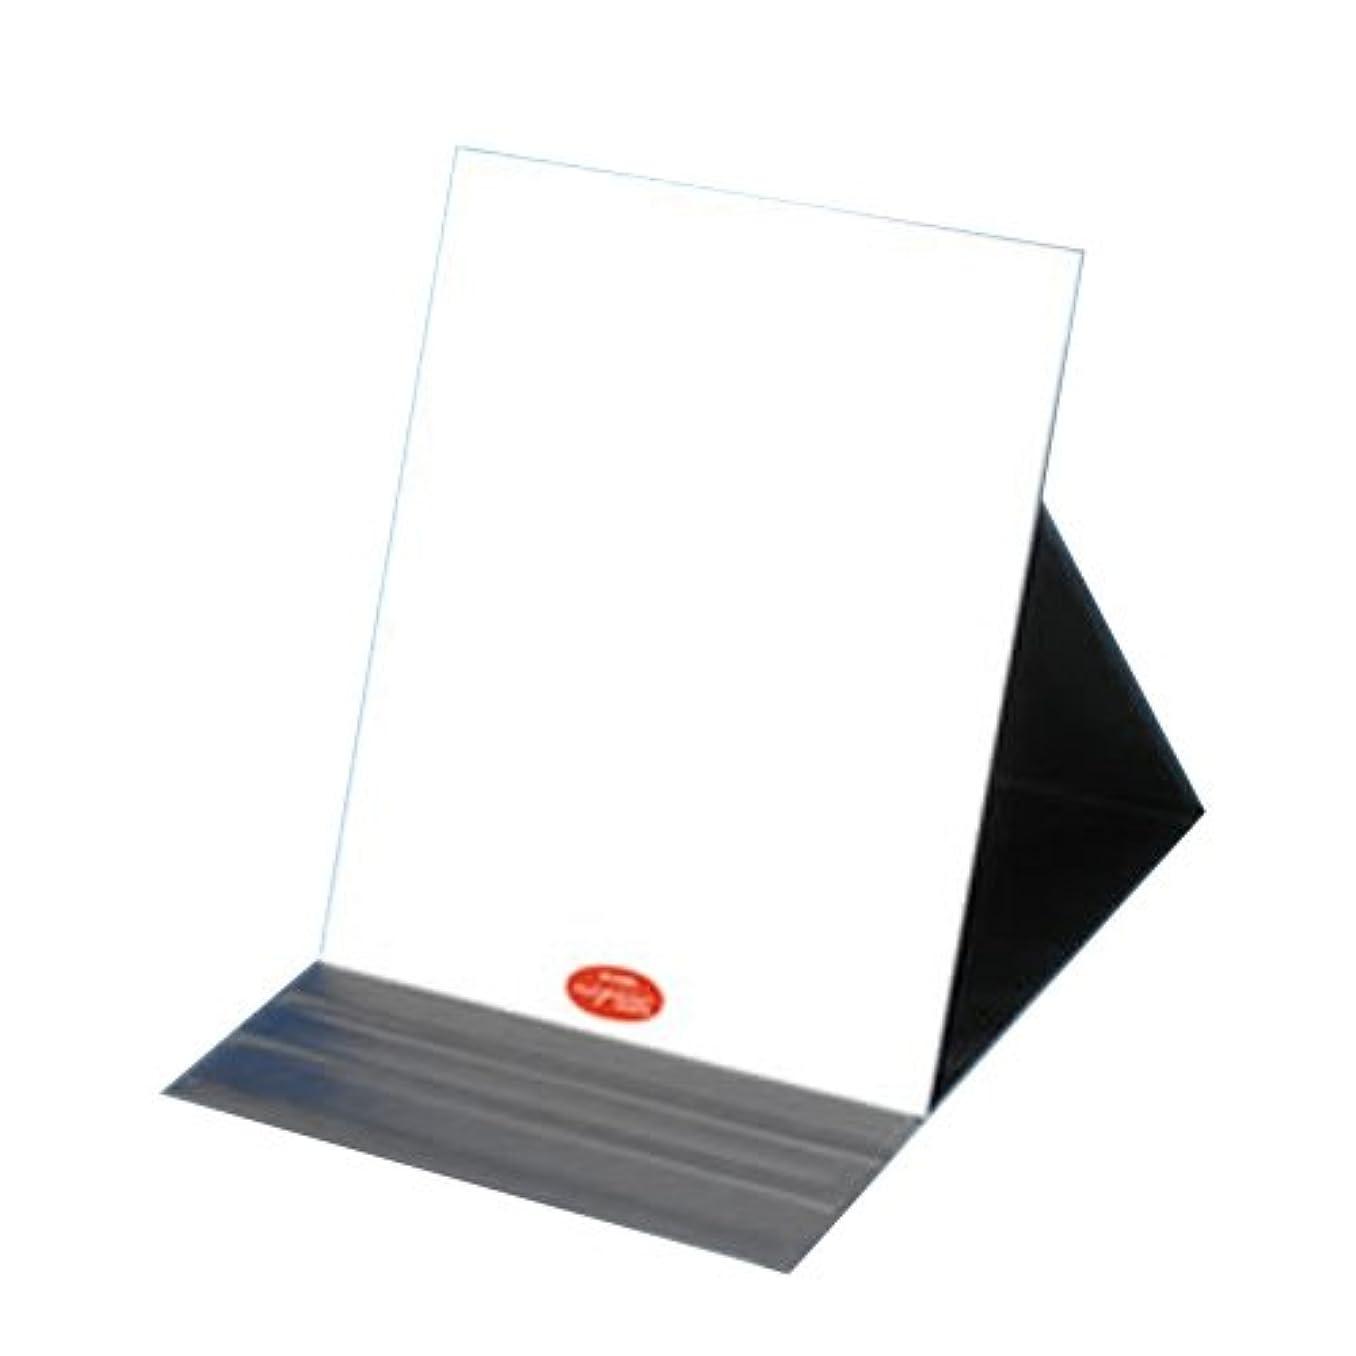 脈拍コーヒー適切に堀内鏡工業 ナピュア プロモデル角度調整3段階付き折立ミラー エコLL 単品